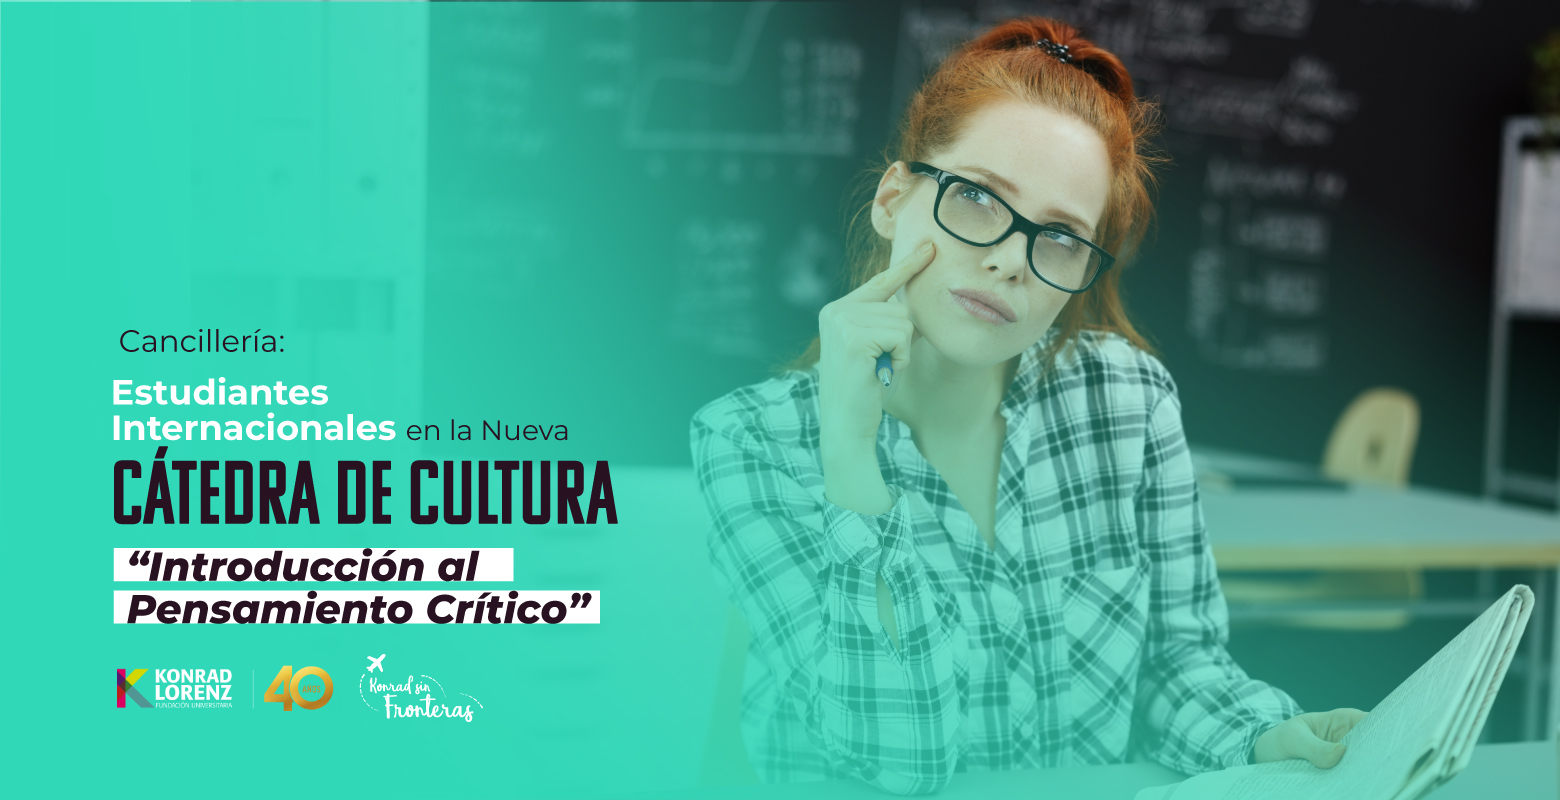 """Cancillería: Estudiantes Internacionales en la Nueva Cátedra de Cultura """"Introducción al Pensamiento Crítico"""""""